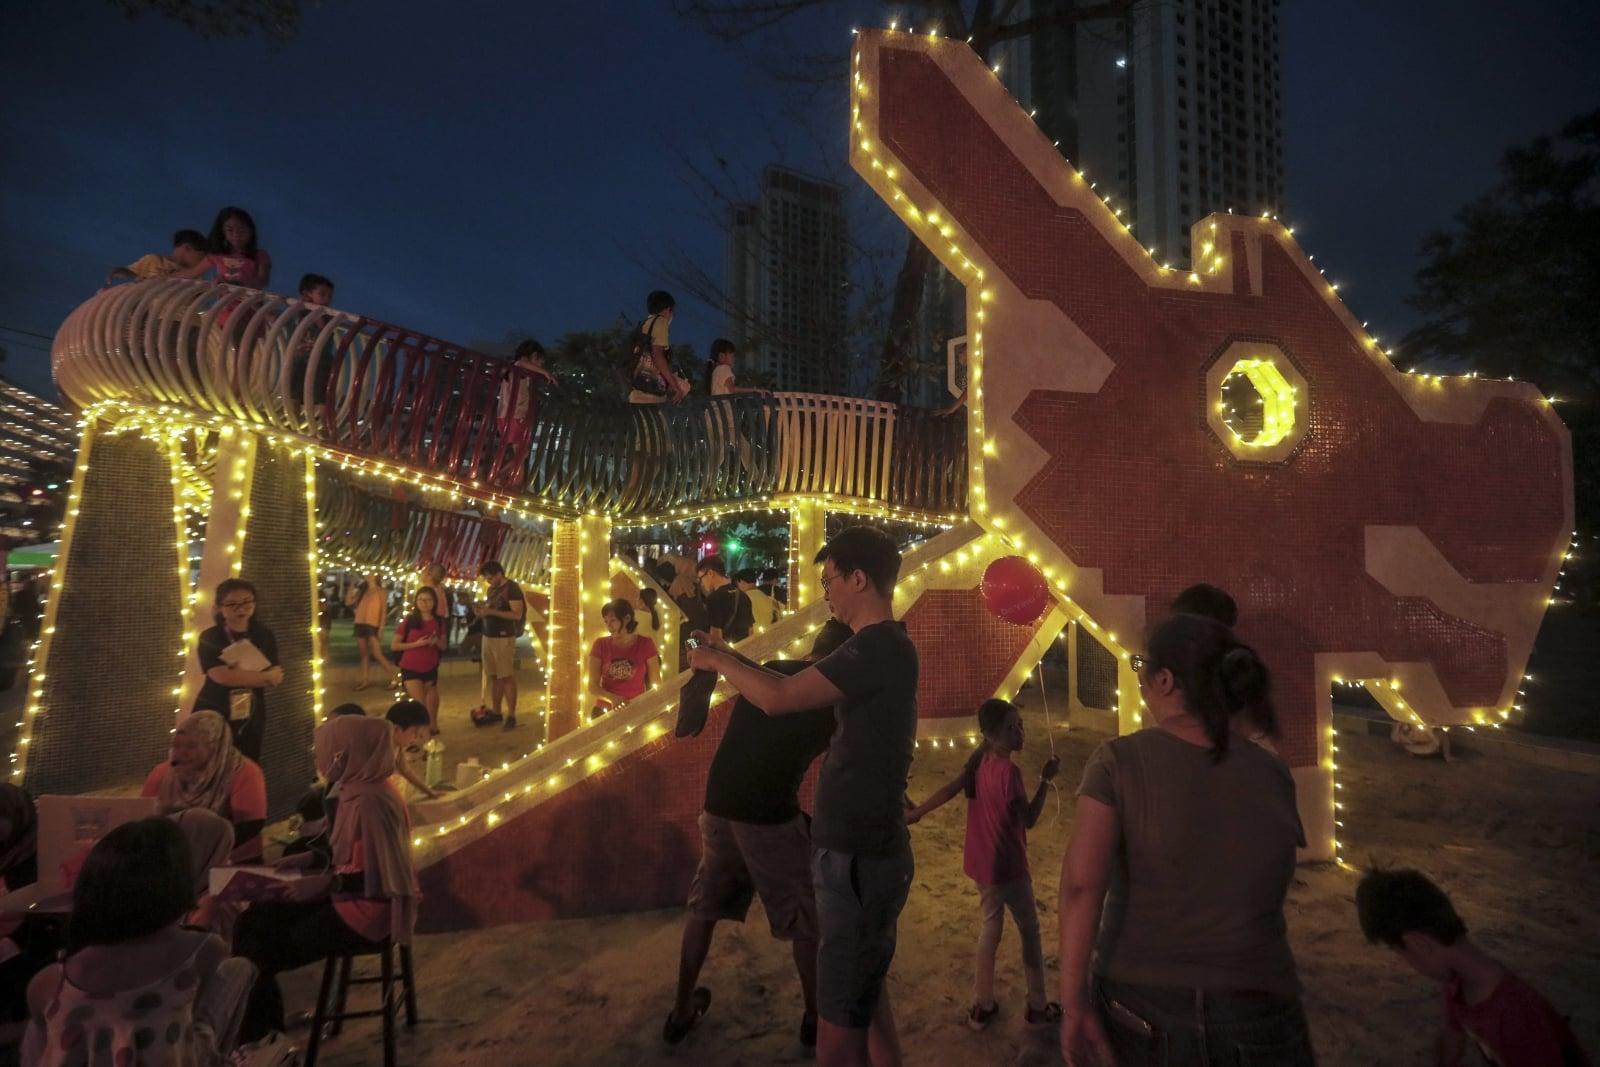 Rodzinny festiwal w Singapurze fot. EPA/WALLACE WOON